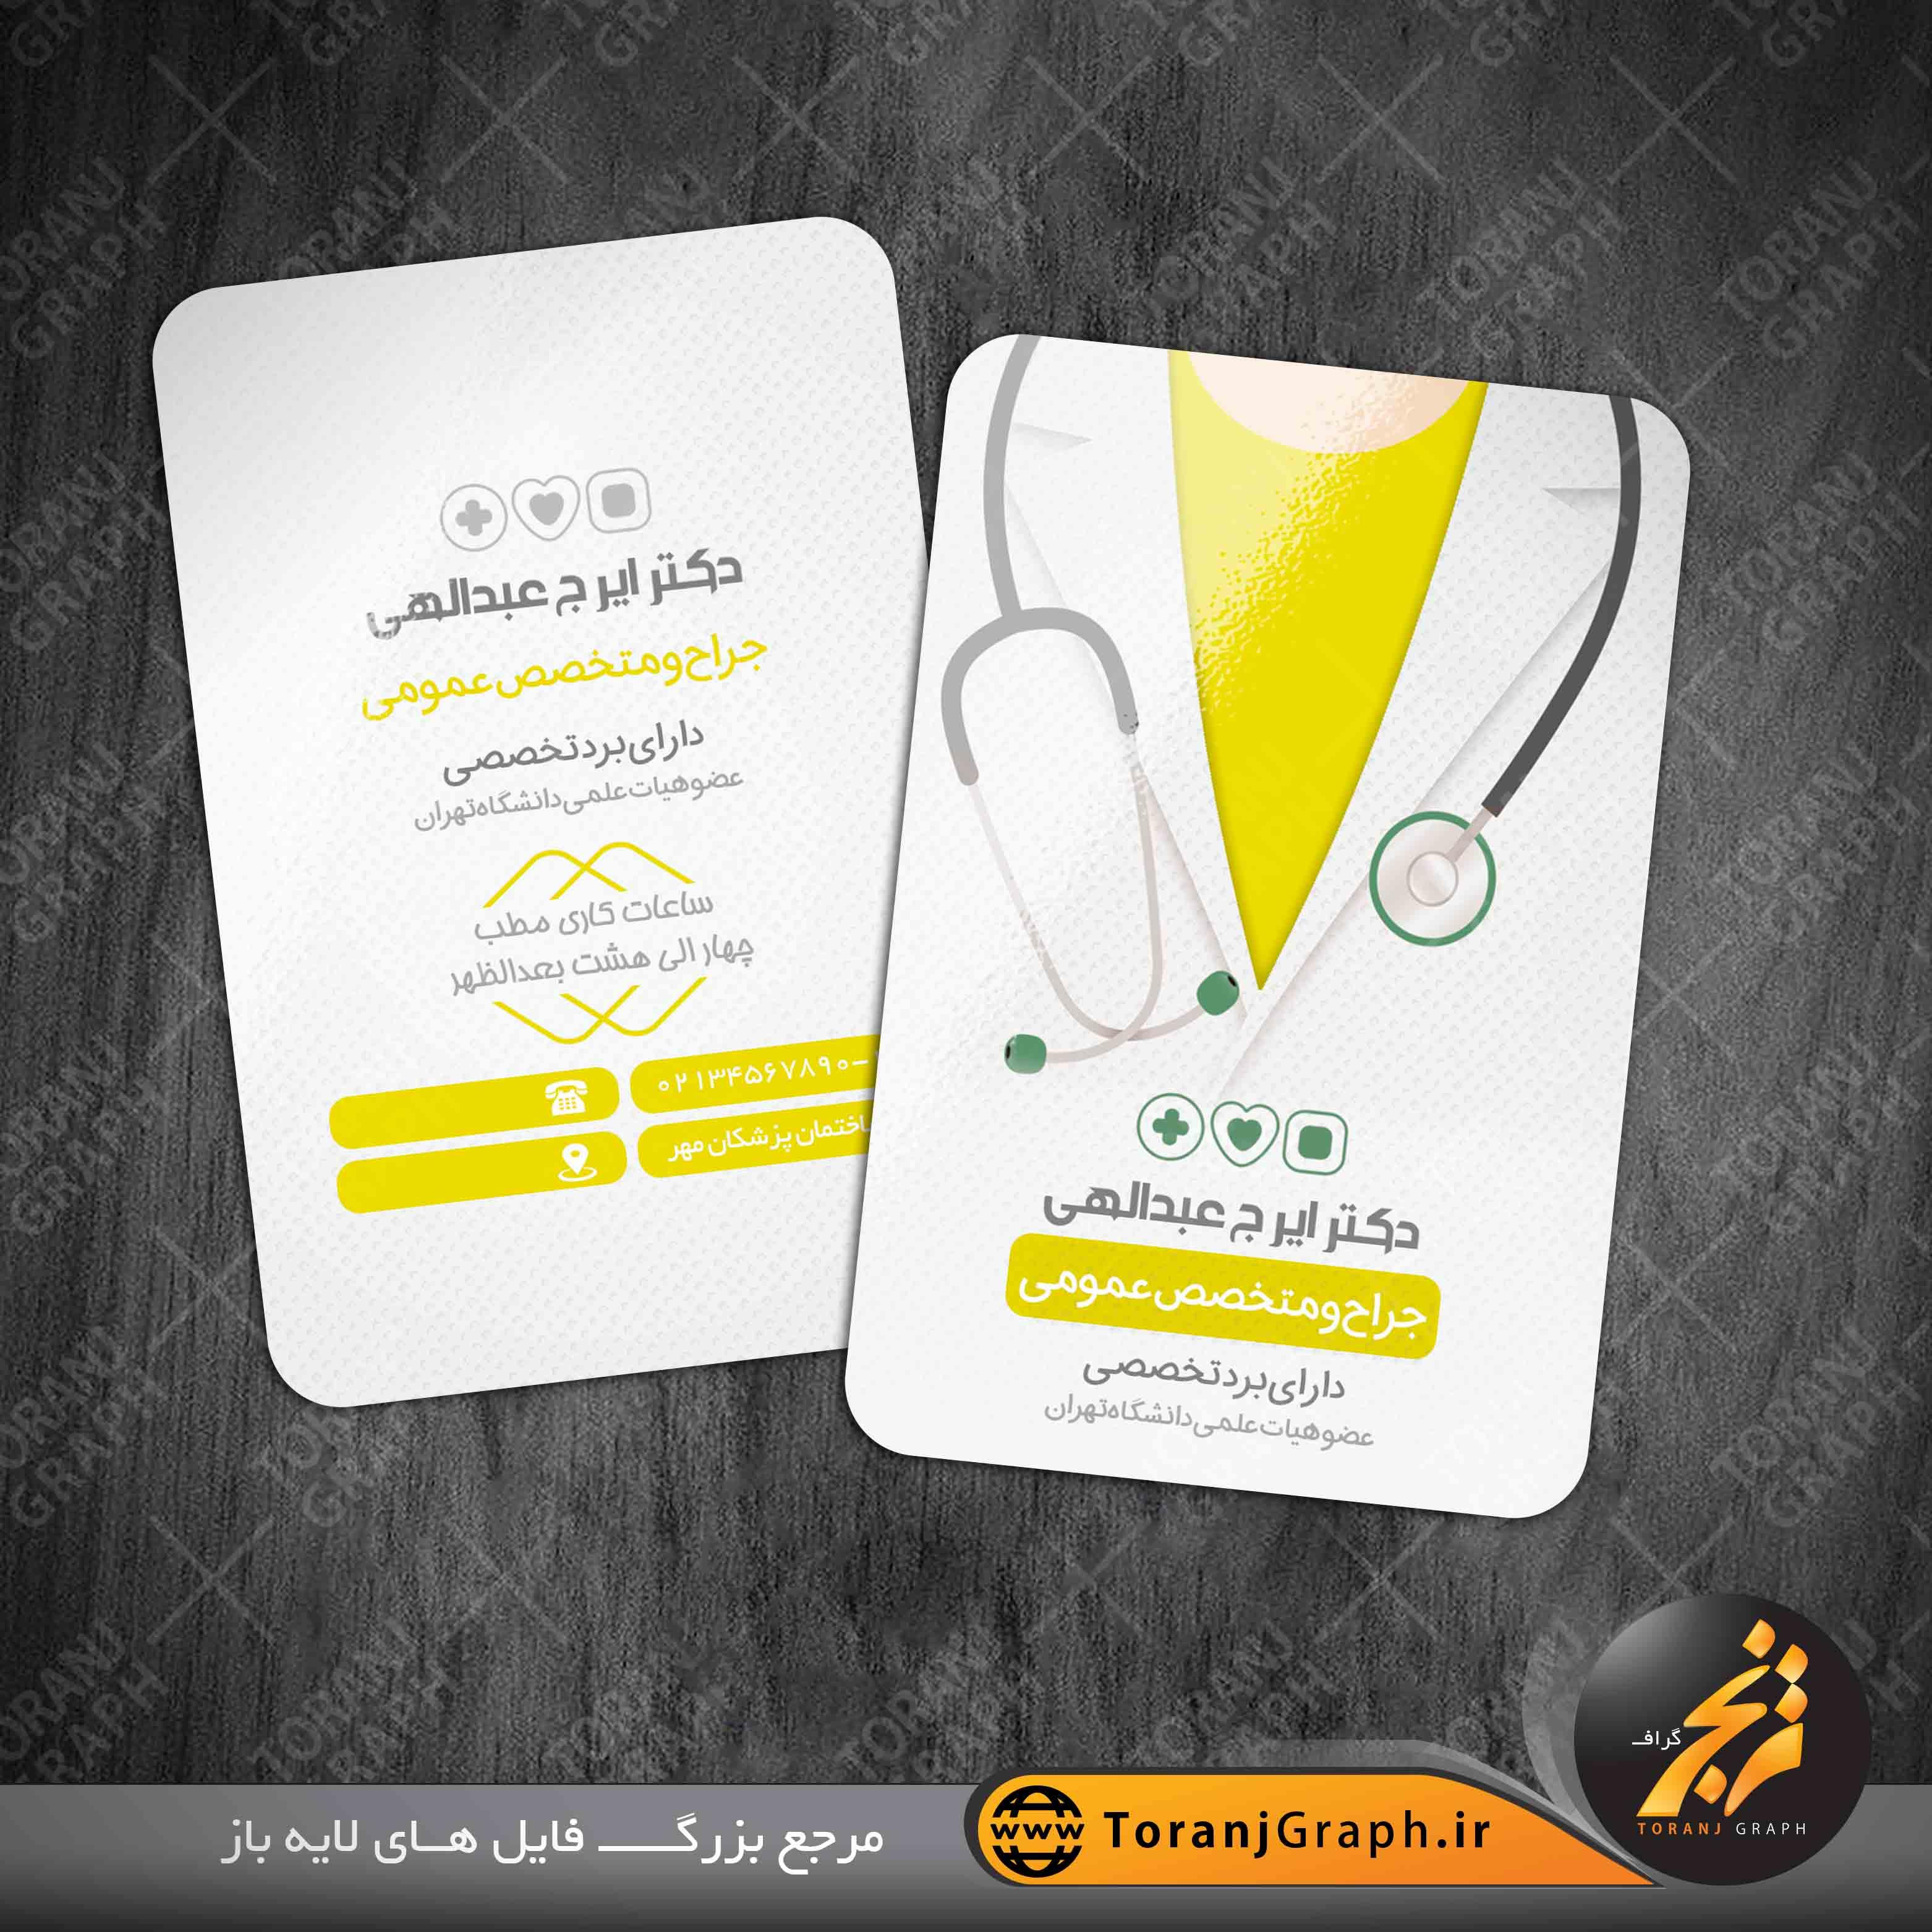 کارت ویزیت مطب دکتر و دکتر عمومی